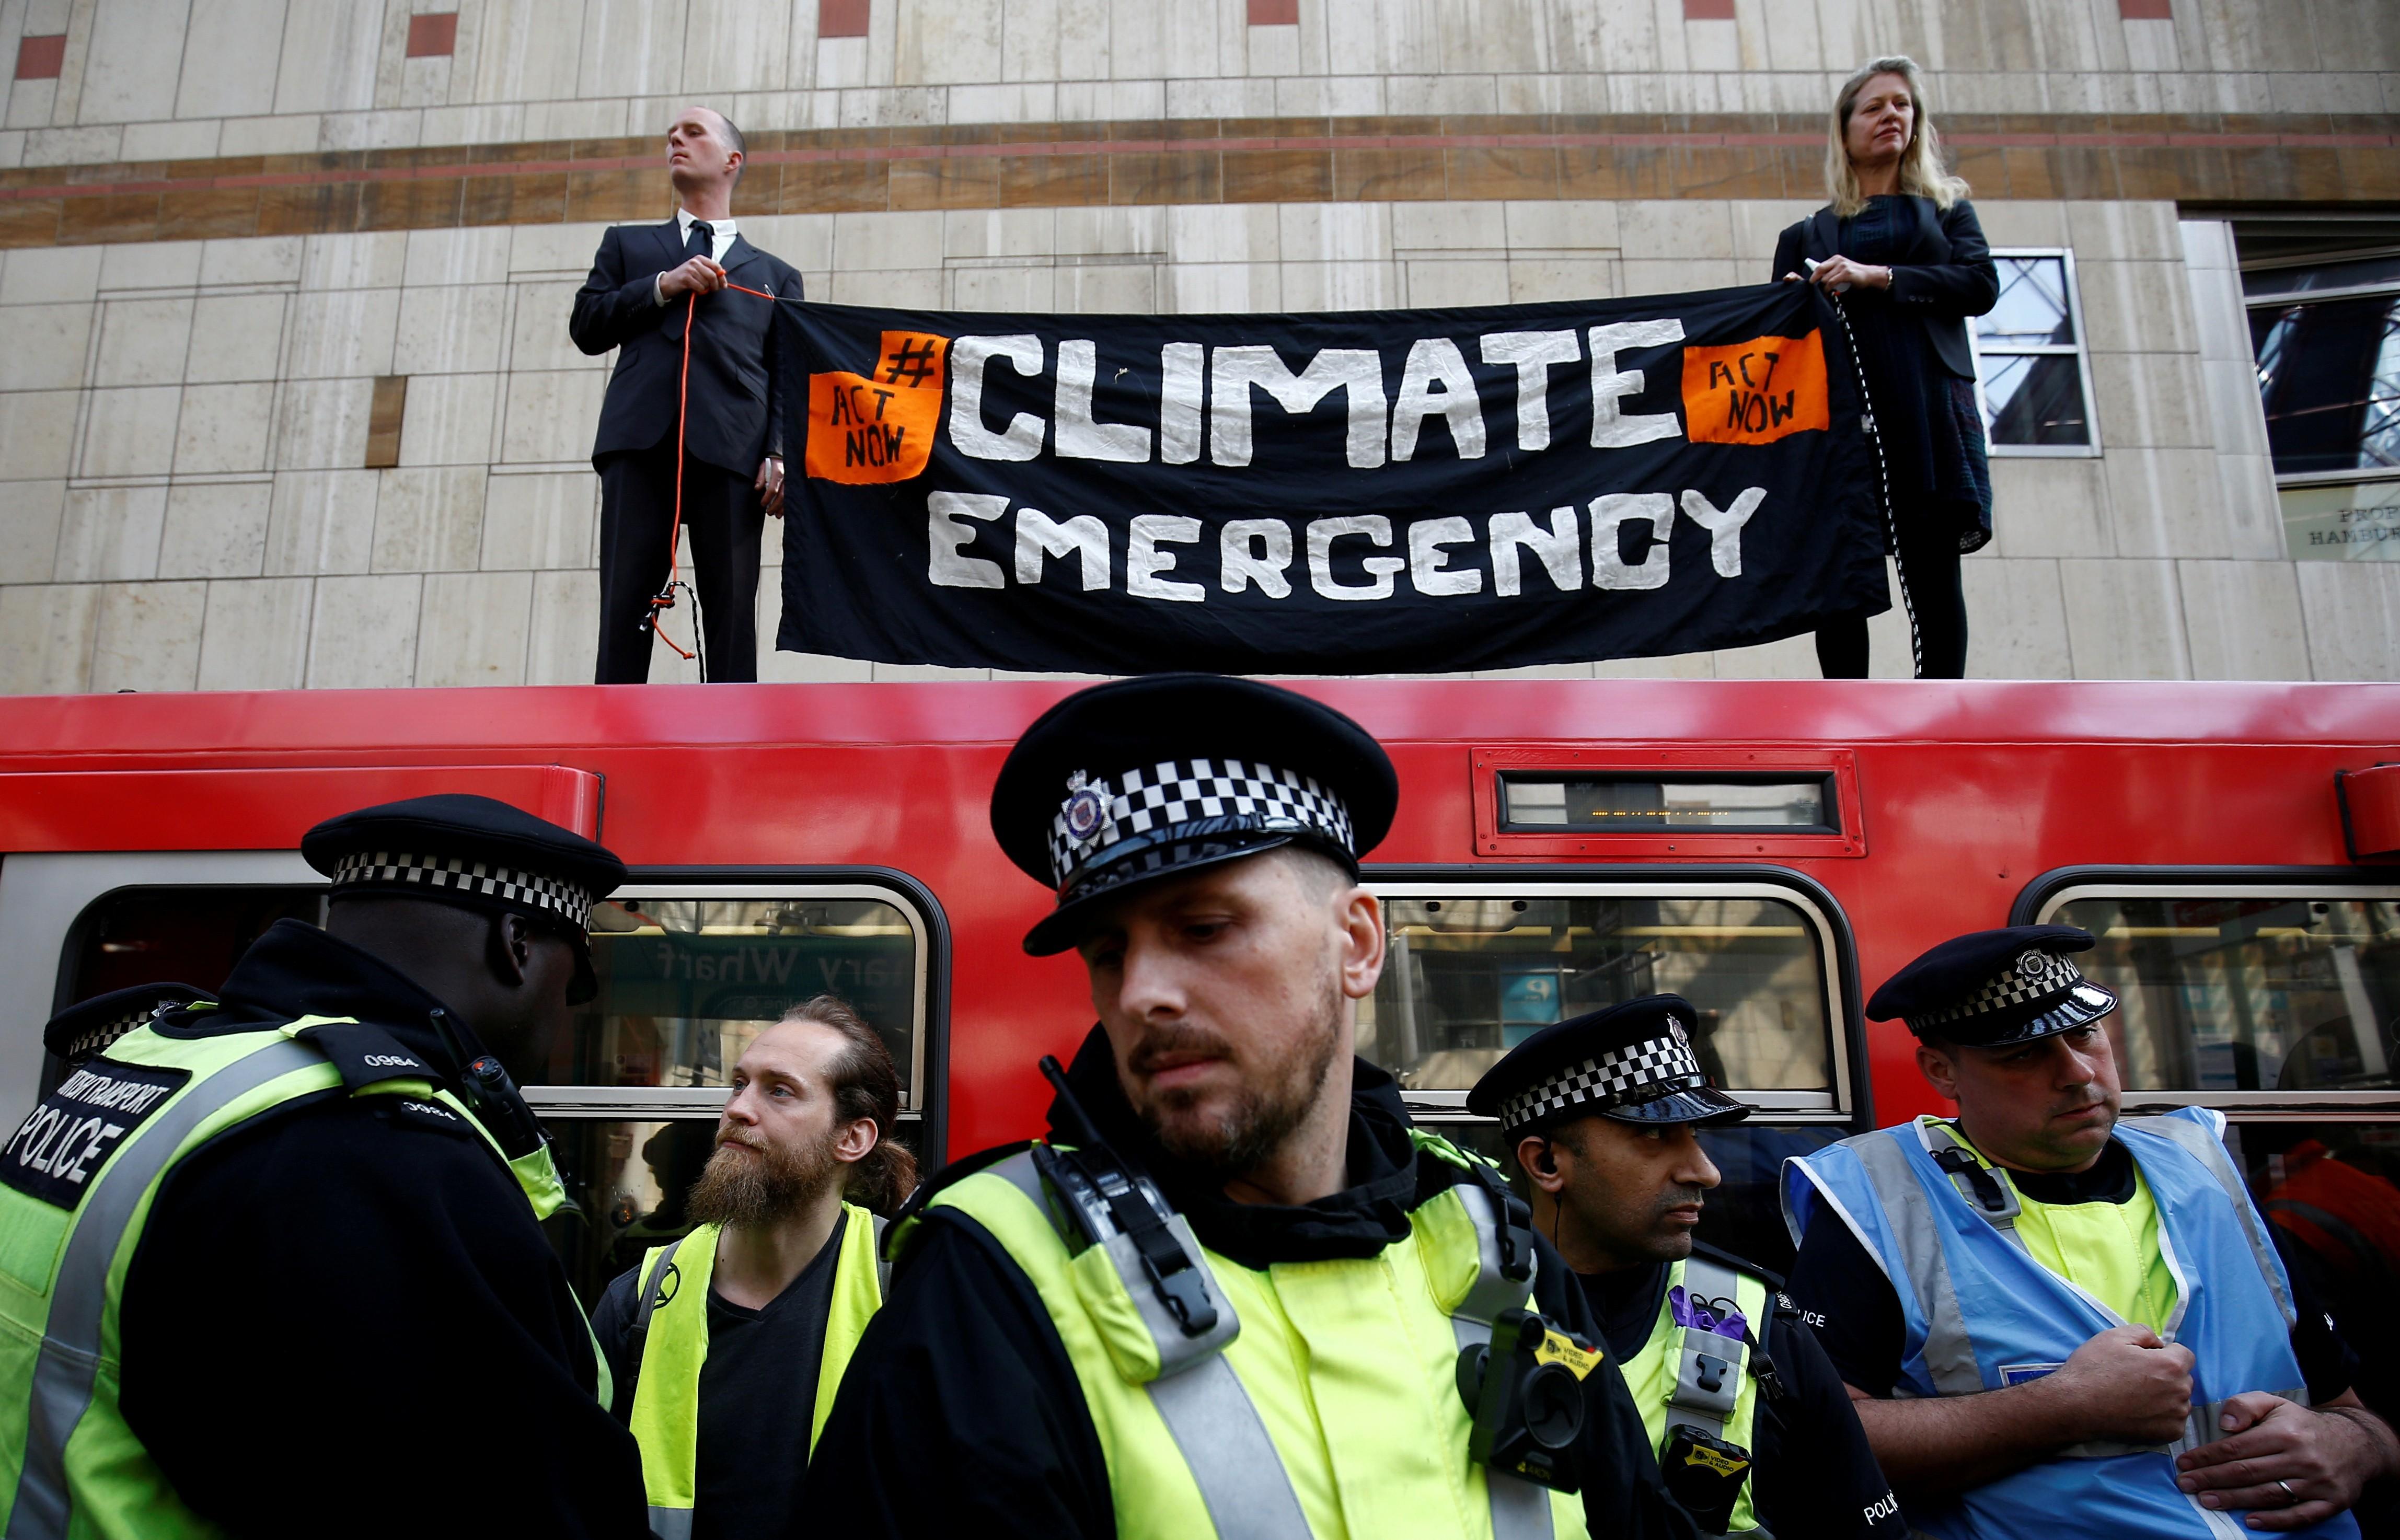 Manifestantes contra mudança climática afetam serviço de trem em Londres